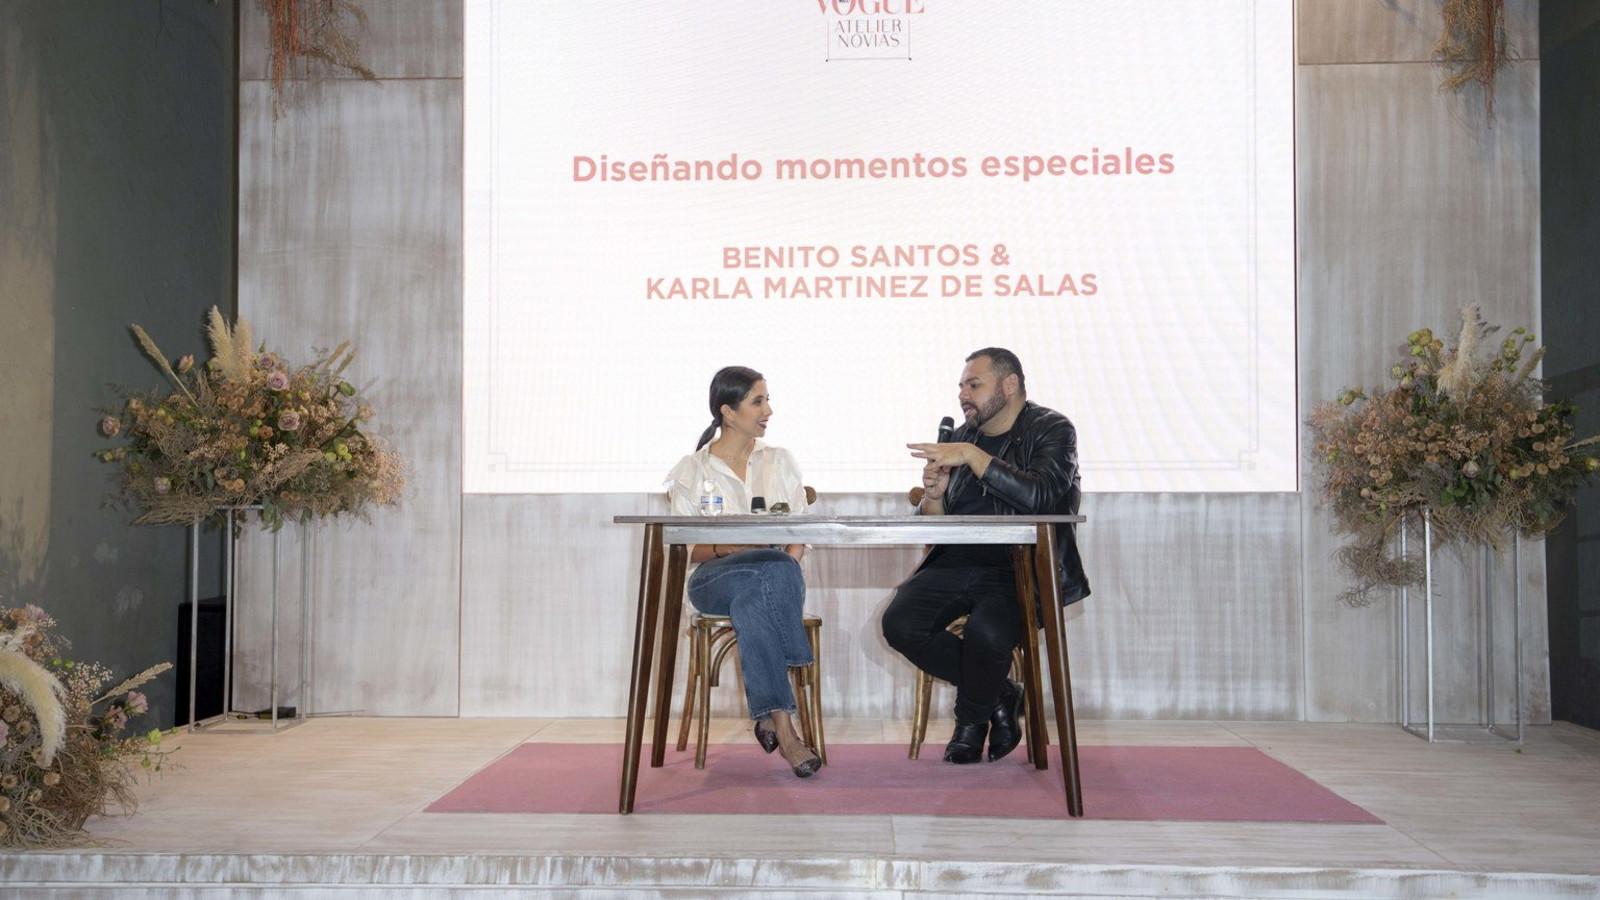 ad - Enrique SanchezArmas (1) - Mexico - Vogue Atelier